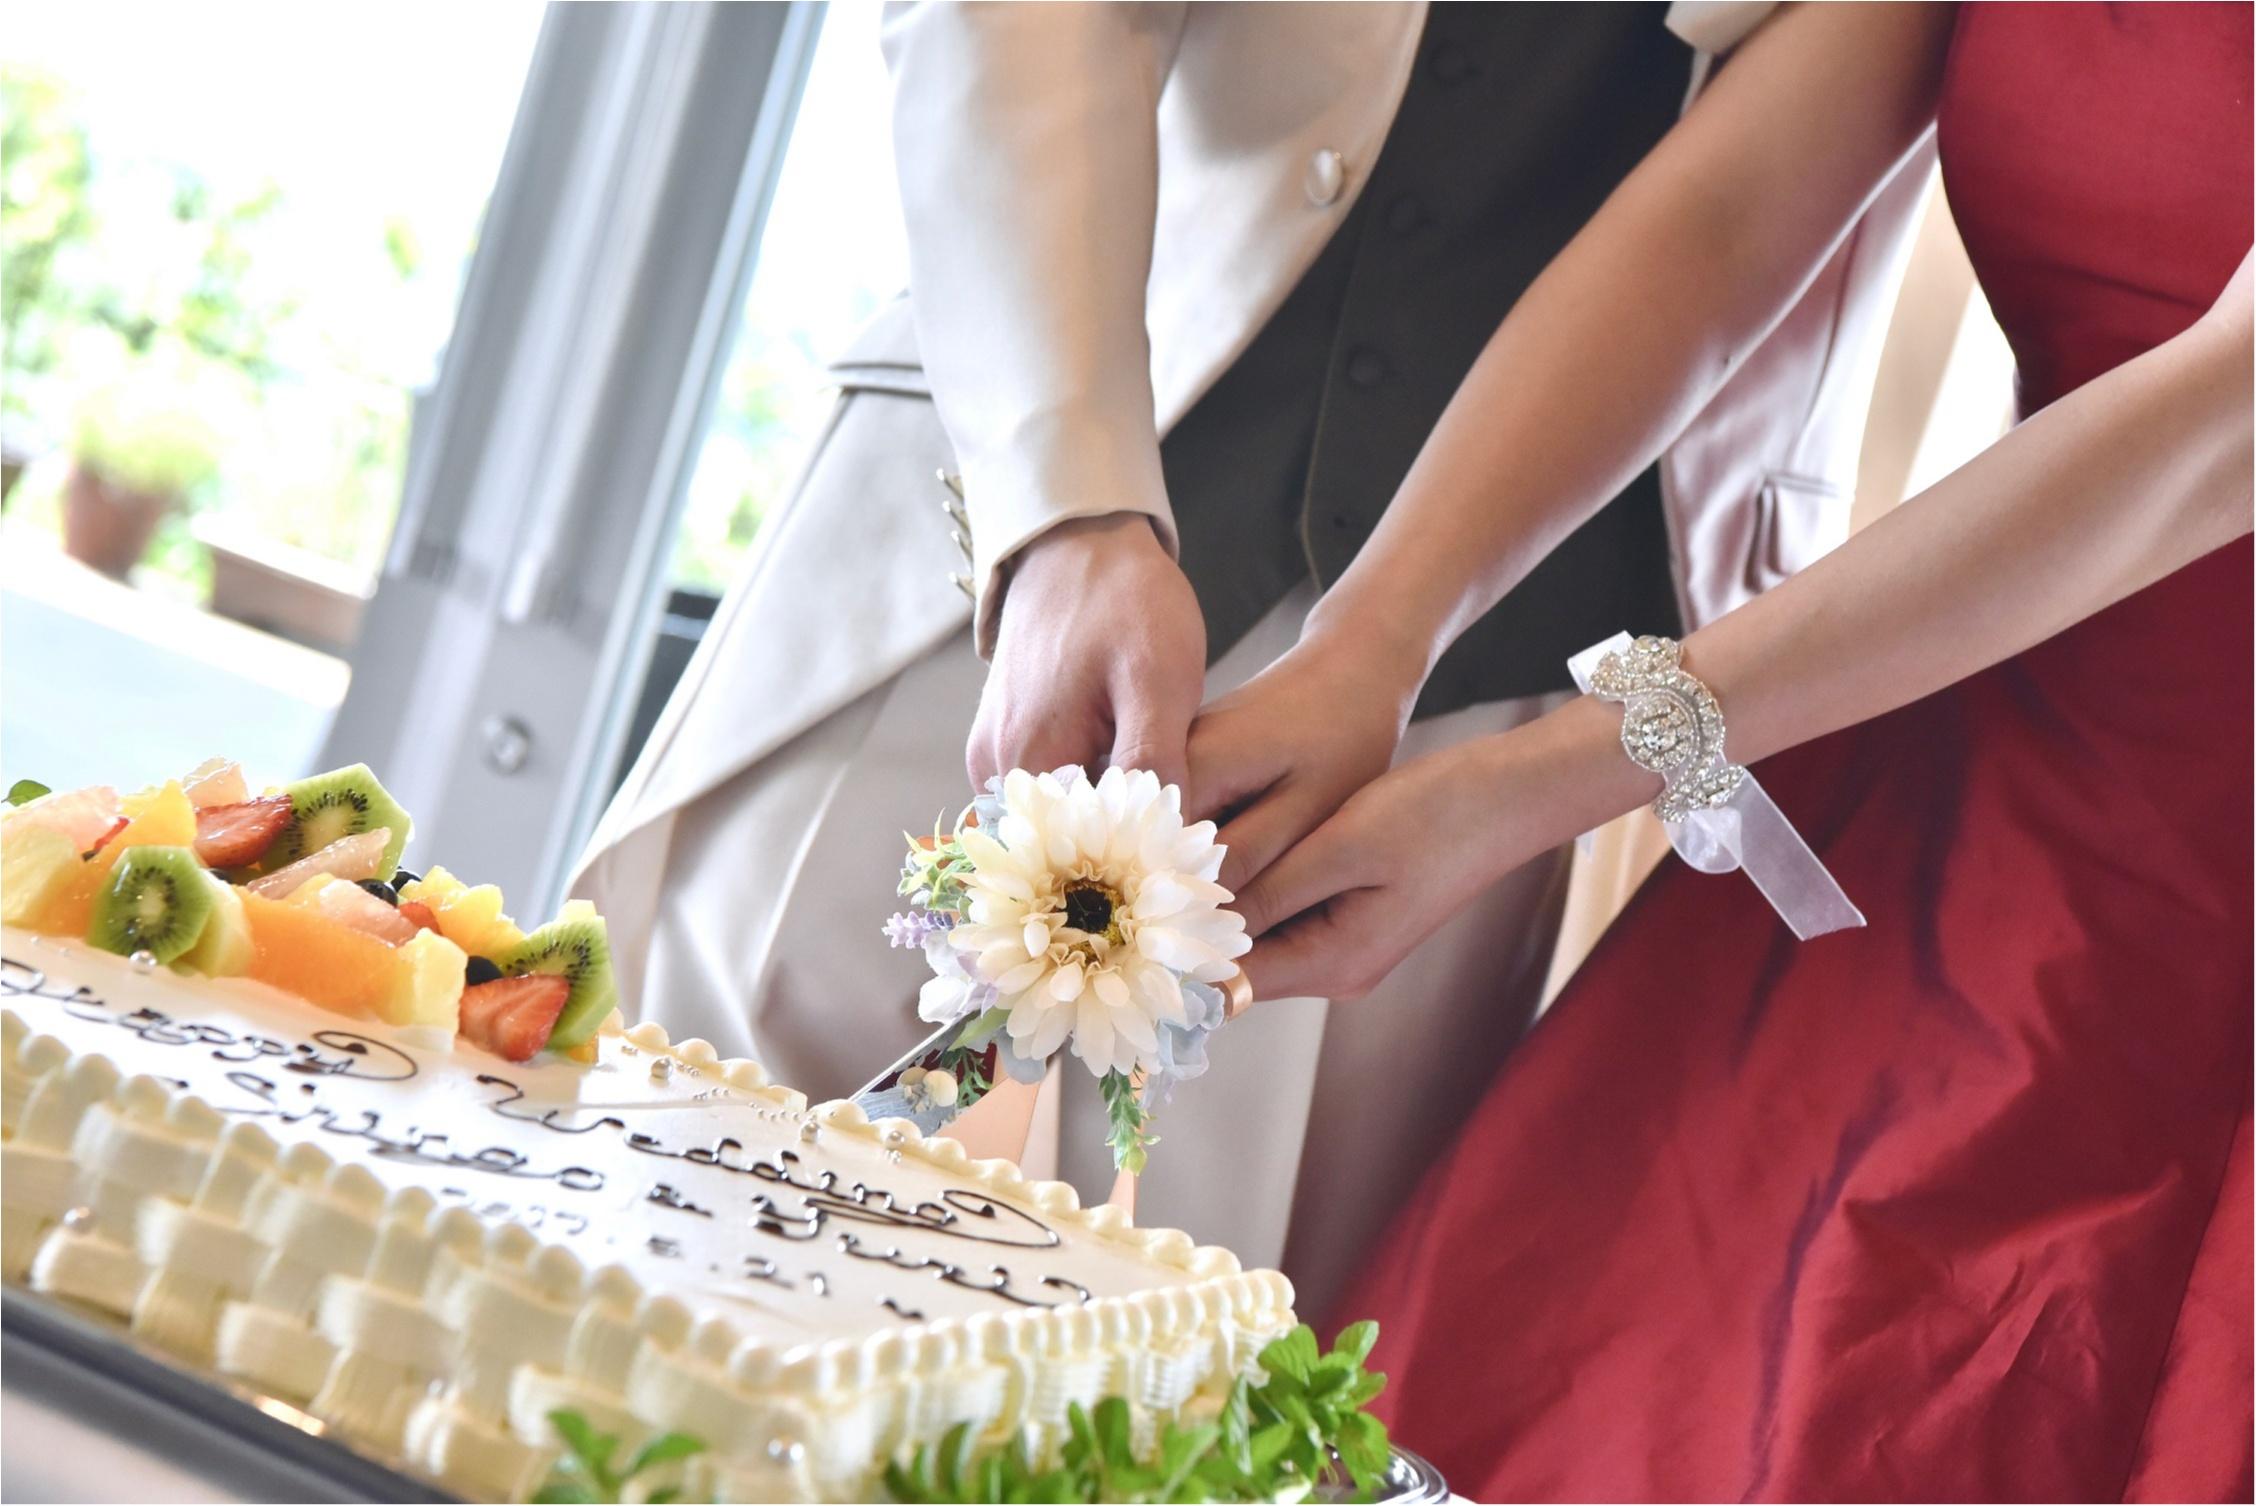 〖ゆりっぺ婚part3〗ここでも≪無し≫にこだわった、家族メインの食事会★「ひらまつ」グループ初めてのオーベルジュで叶えた温かいパーティ♪_12